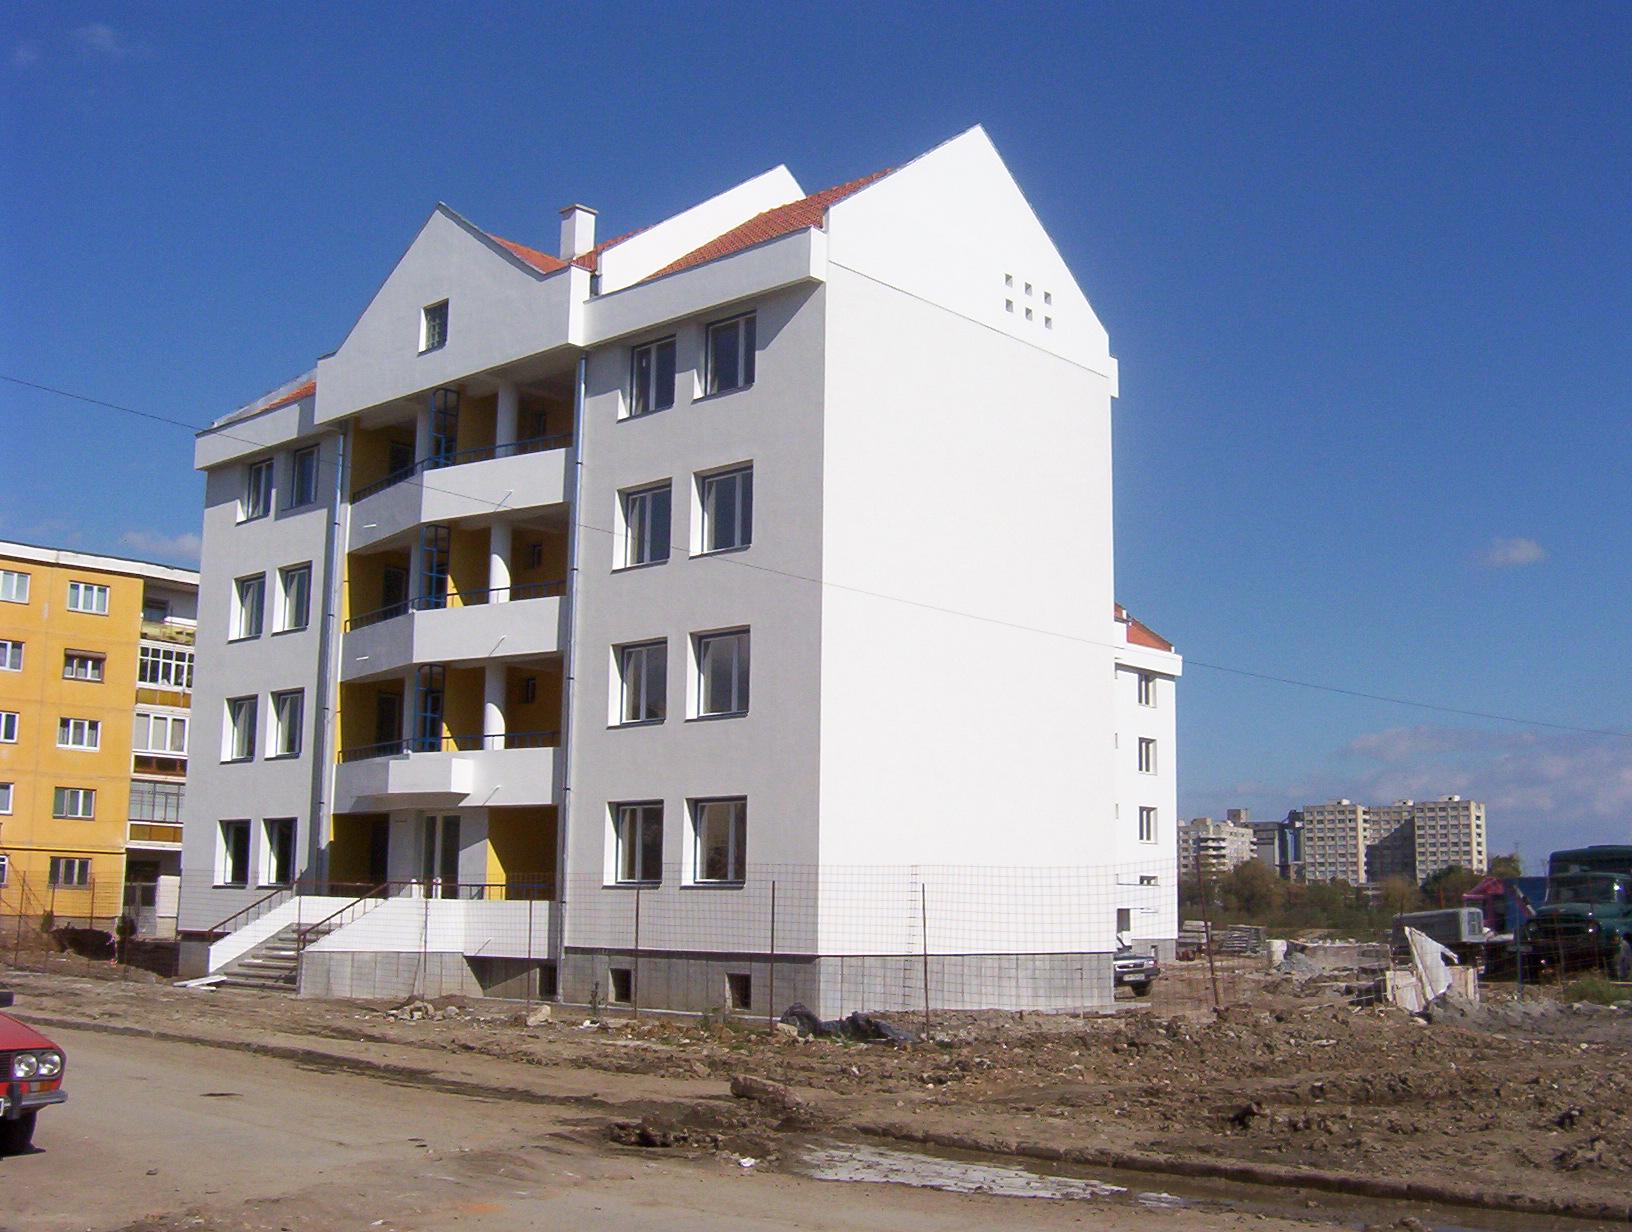 Andrea & Zoli Live in New Apartment Building